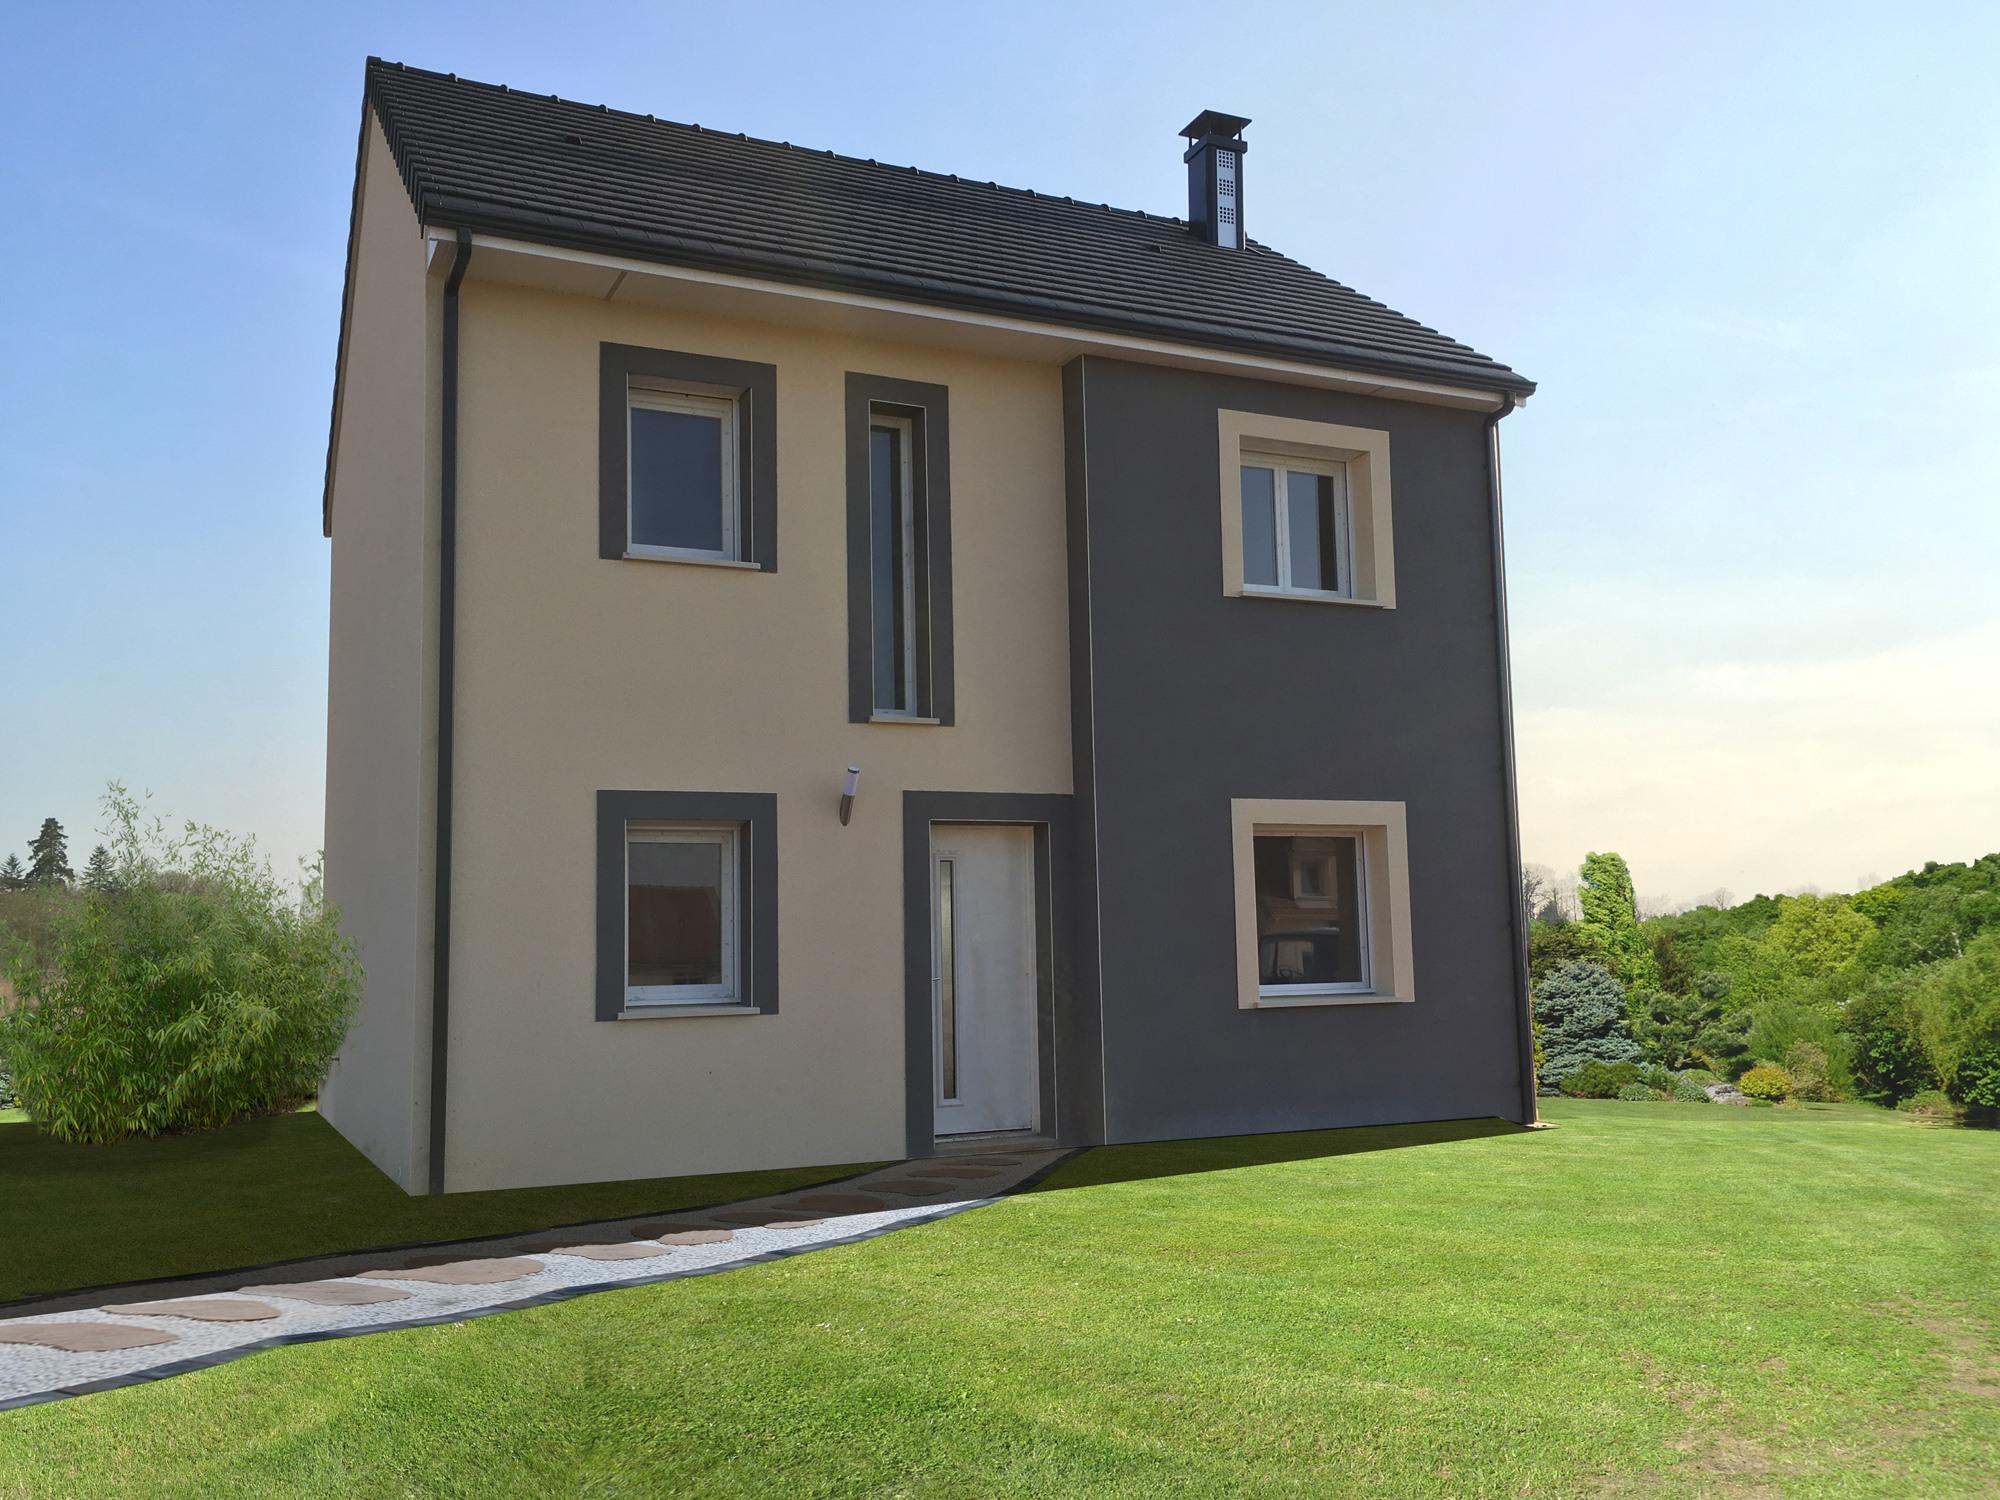 Maisons + Terrains du constructeur MAISON CASTOR • 85 m² • CAEN